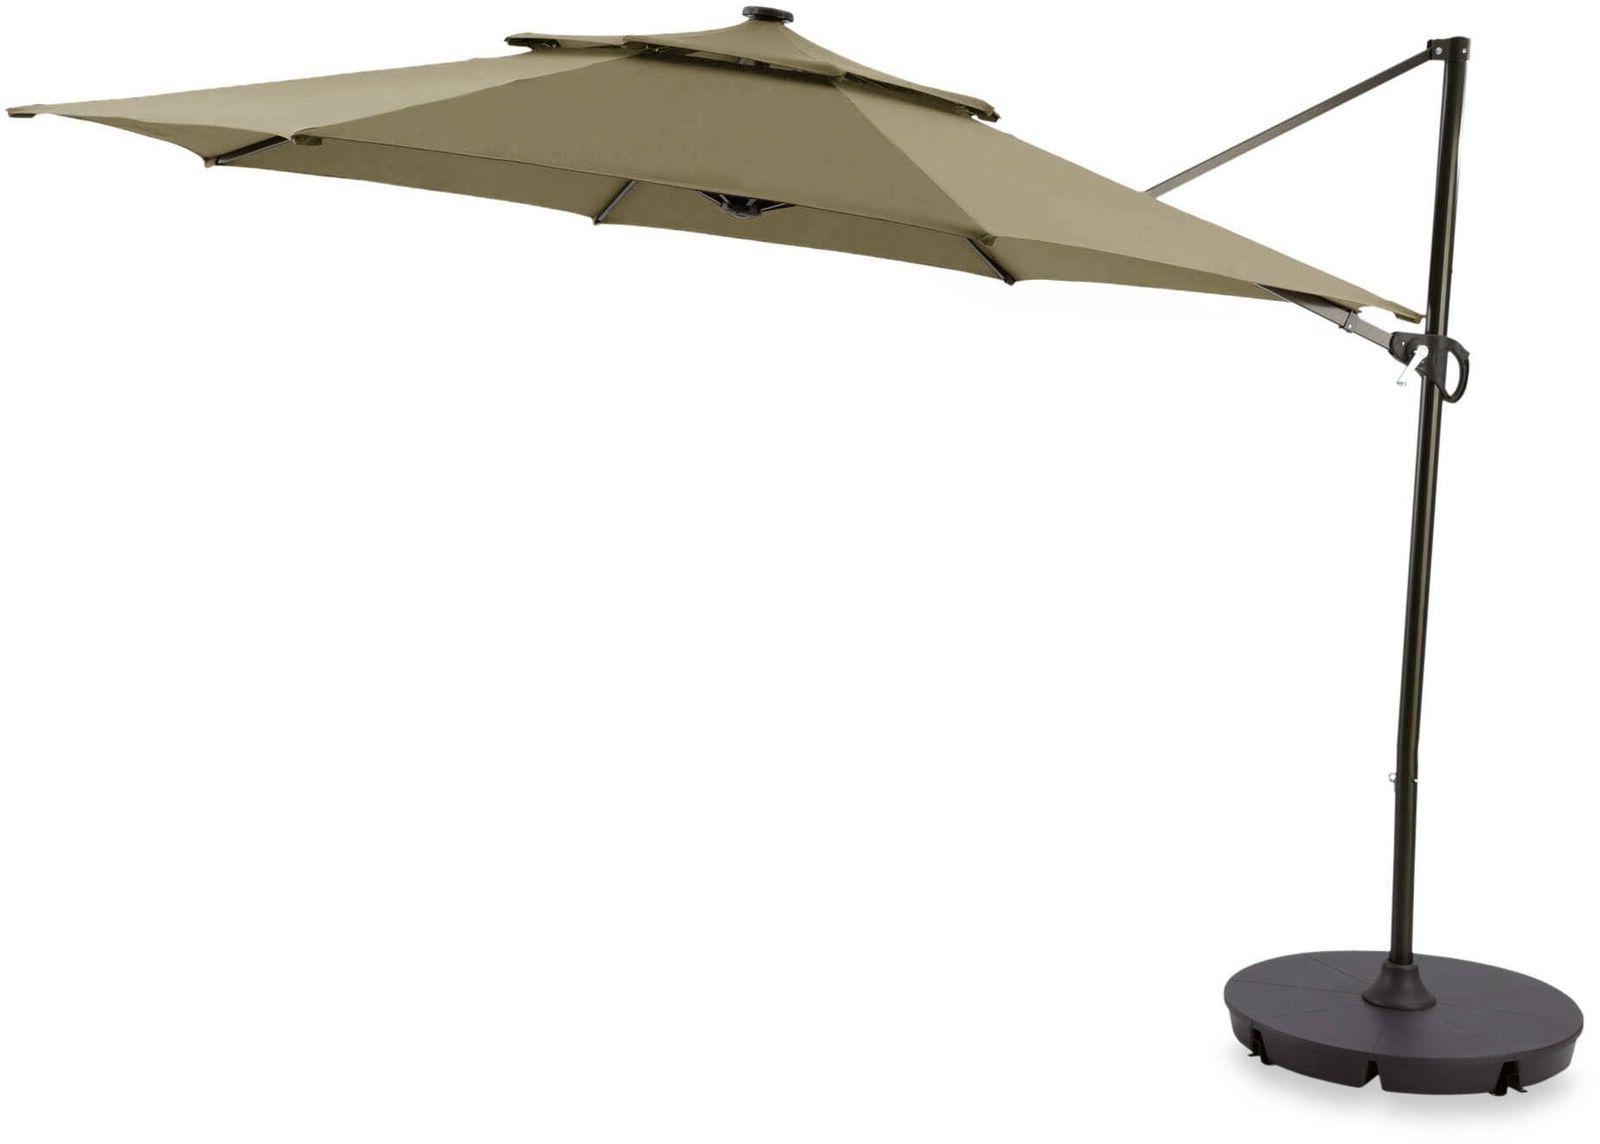 Sun Ray Solar Cantilever Umbrellas For Well Liked 11 Ft Round Solar Cantilever Patio Umbrella Yard Outdoor Shade Home Garden Sun (View 19 of 20)